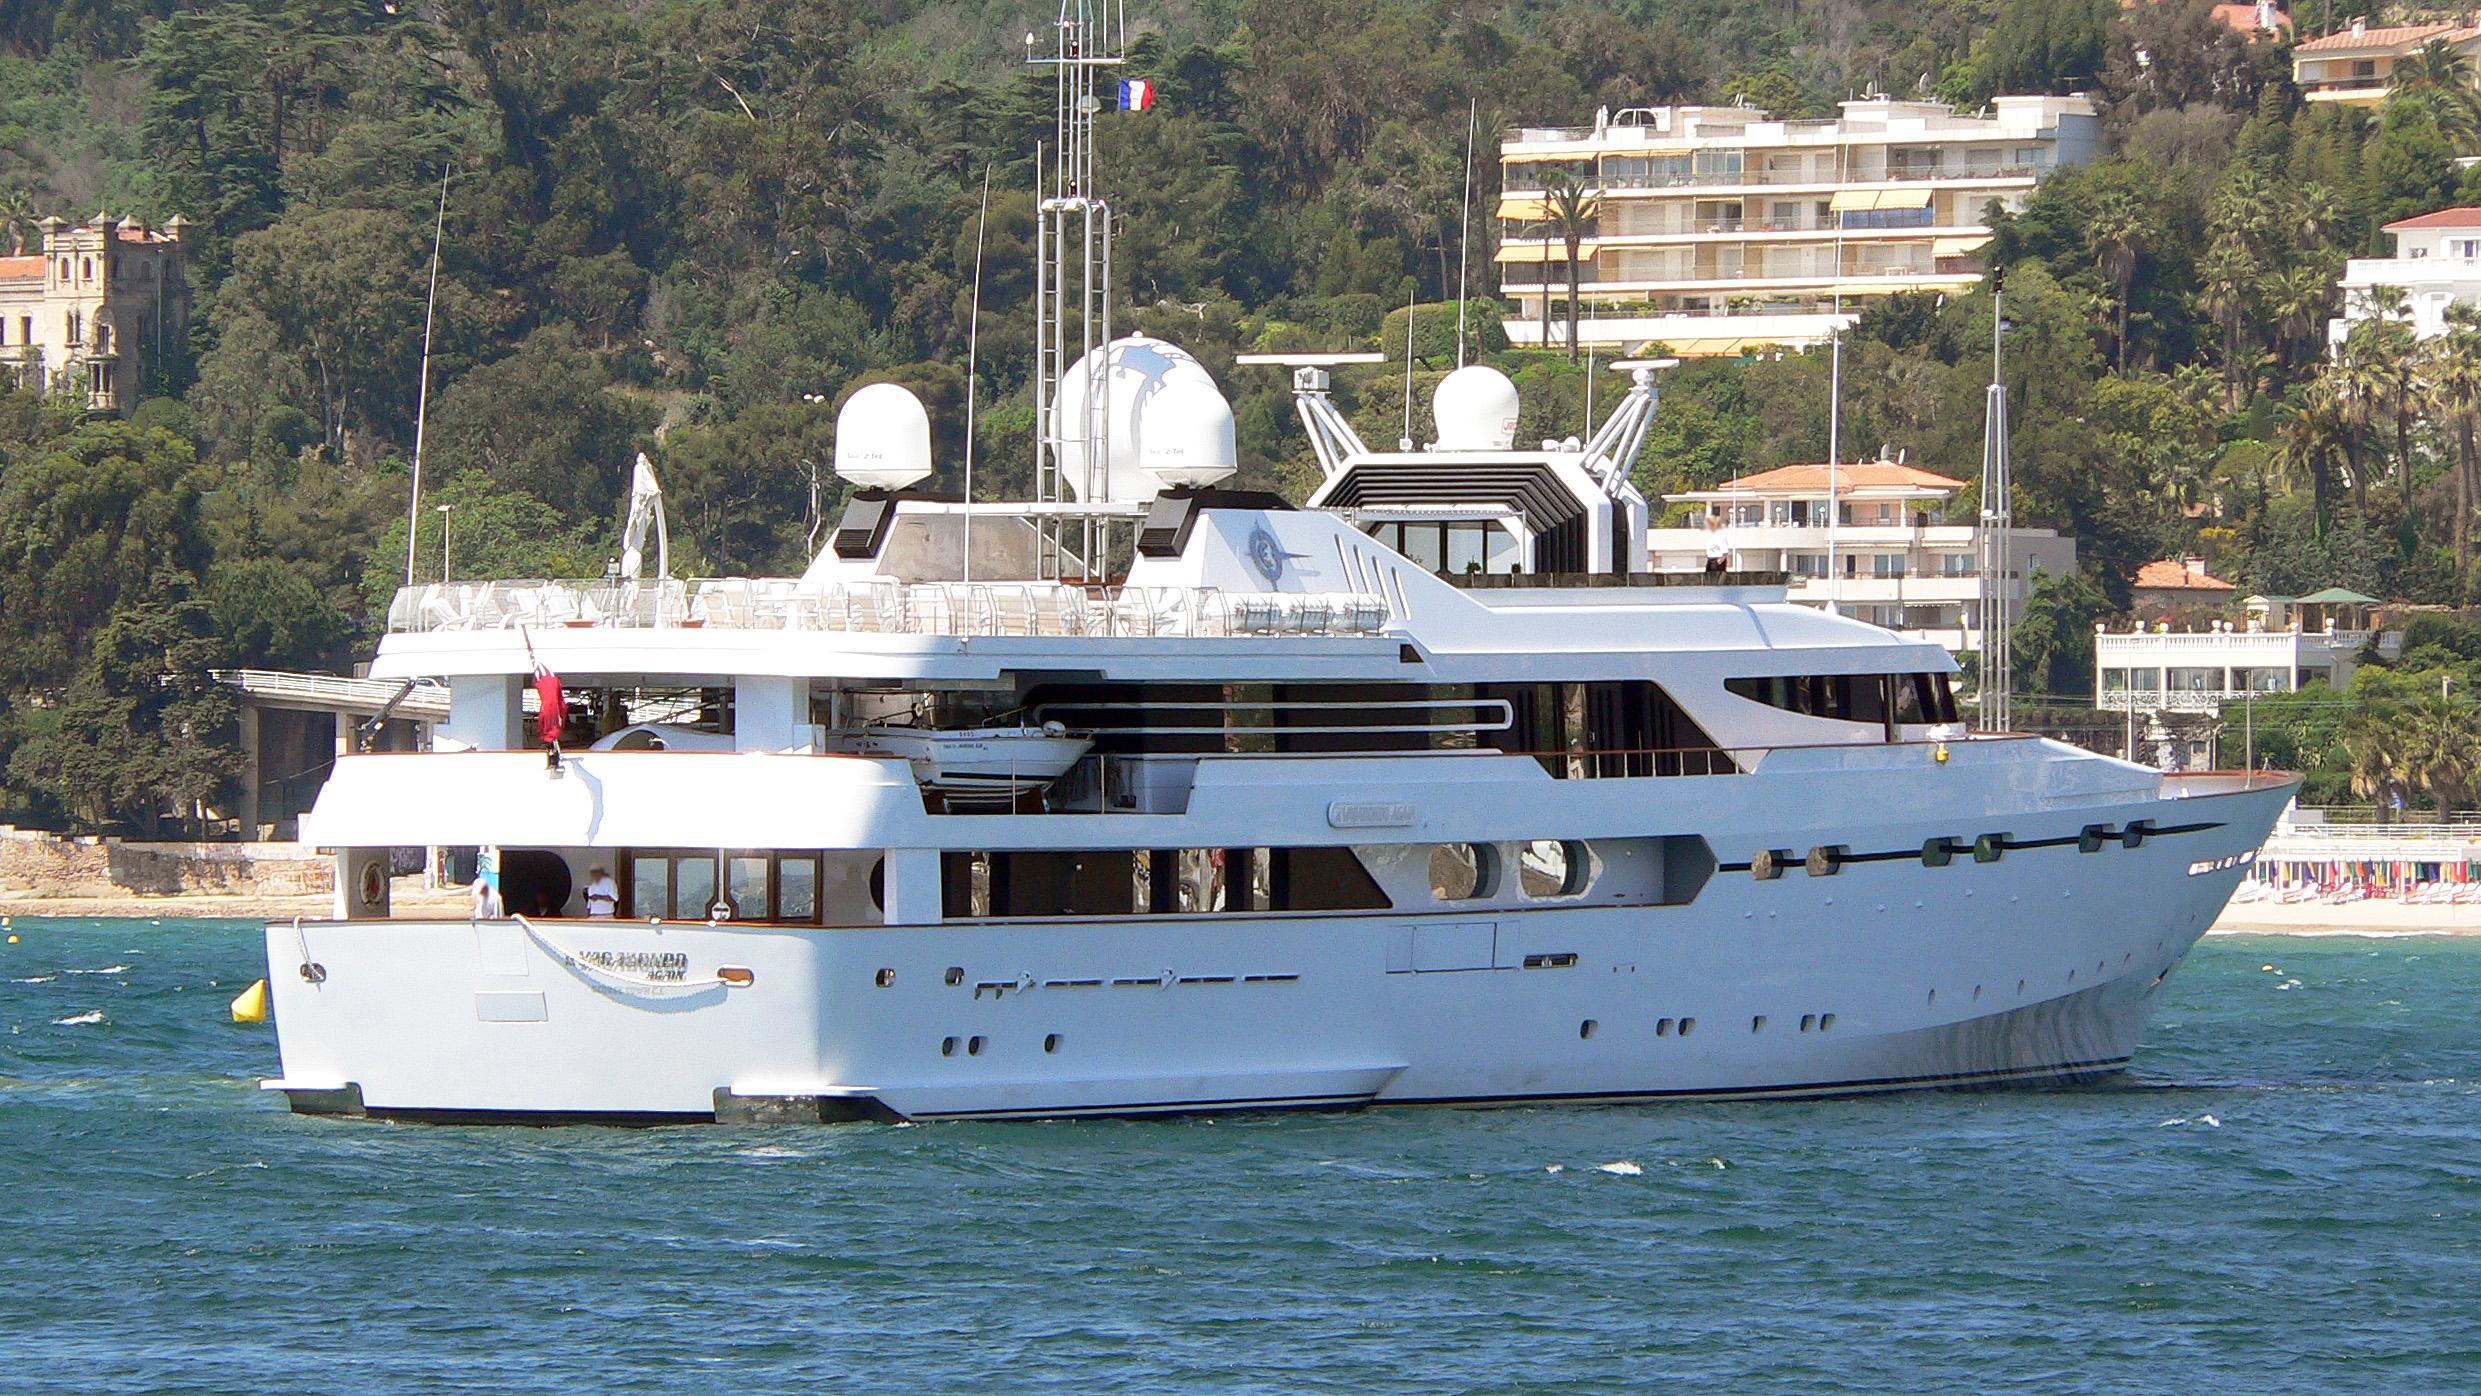 il-vagabondo-again-motor-yacht-crn-1987-61m-stern-before-refit